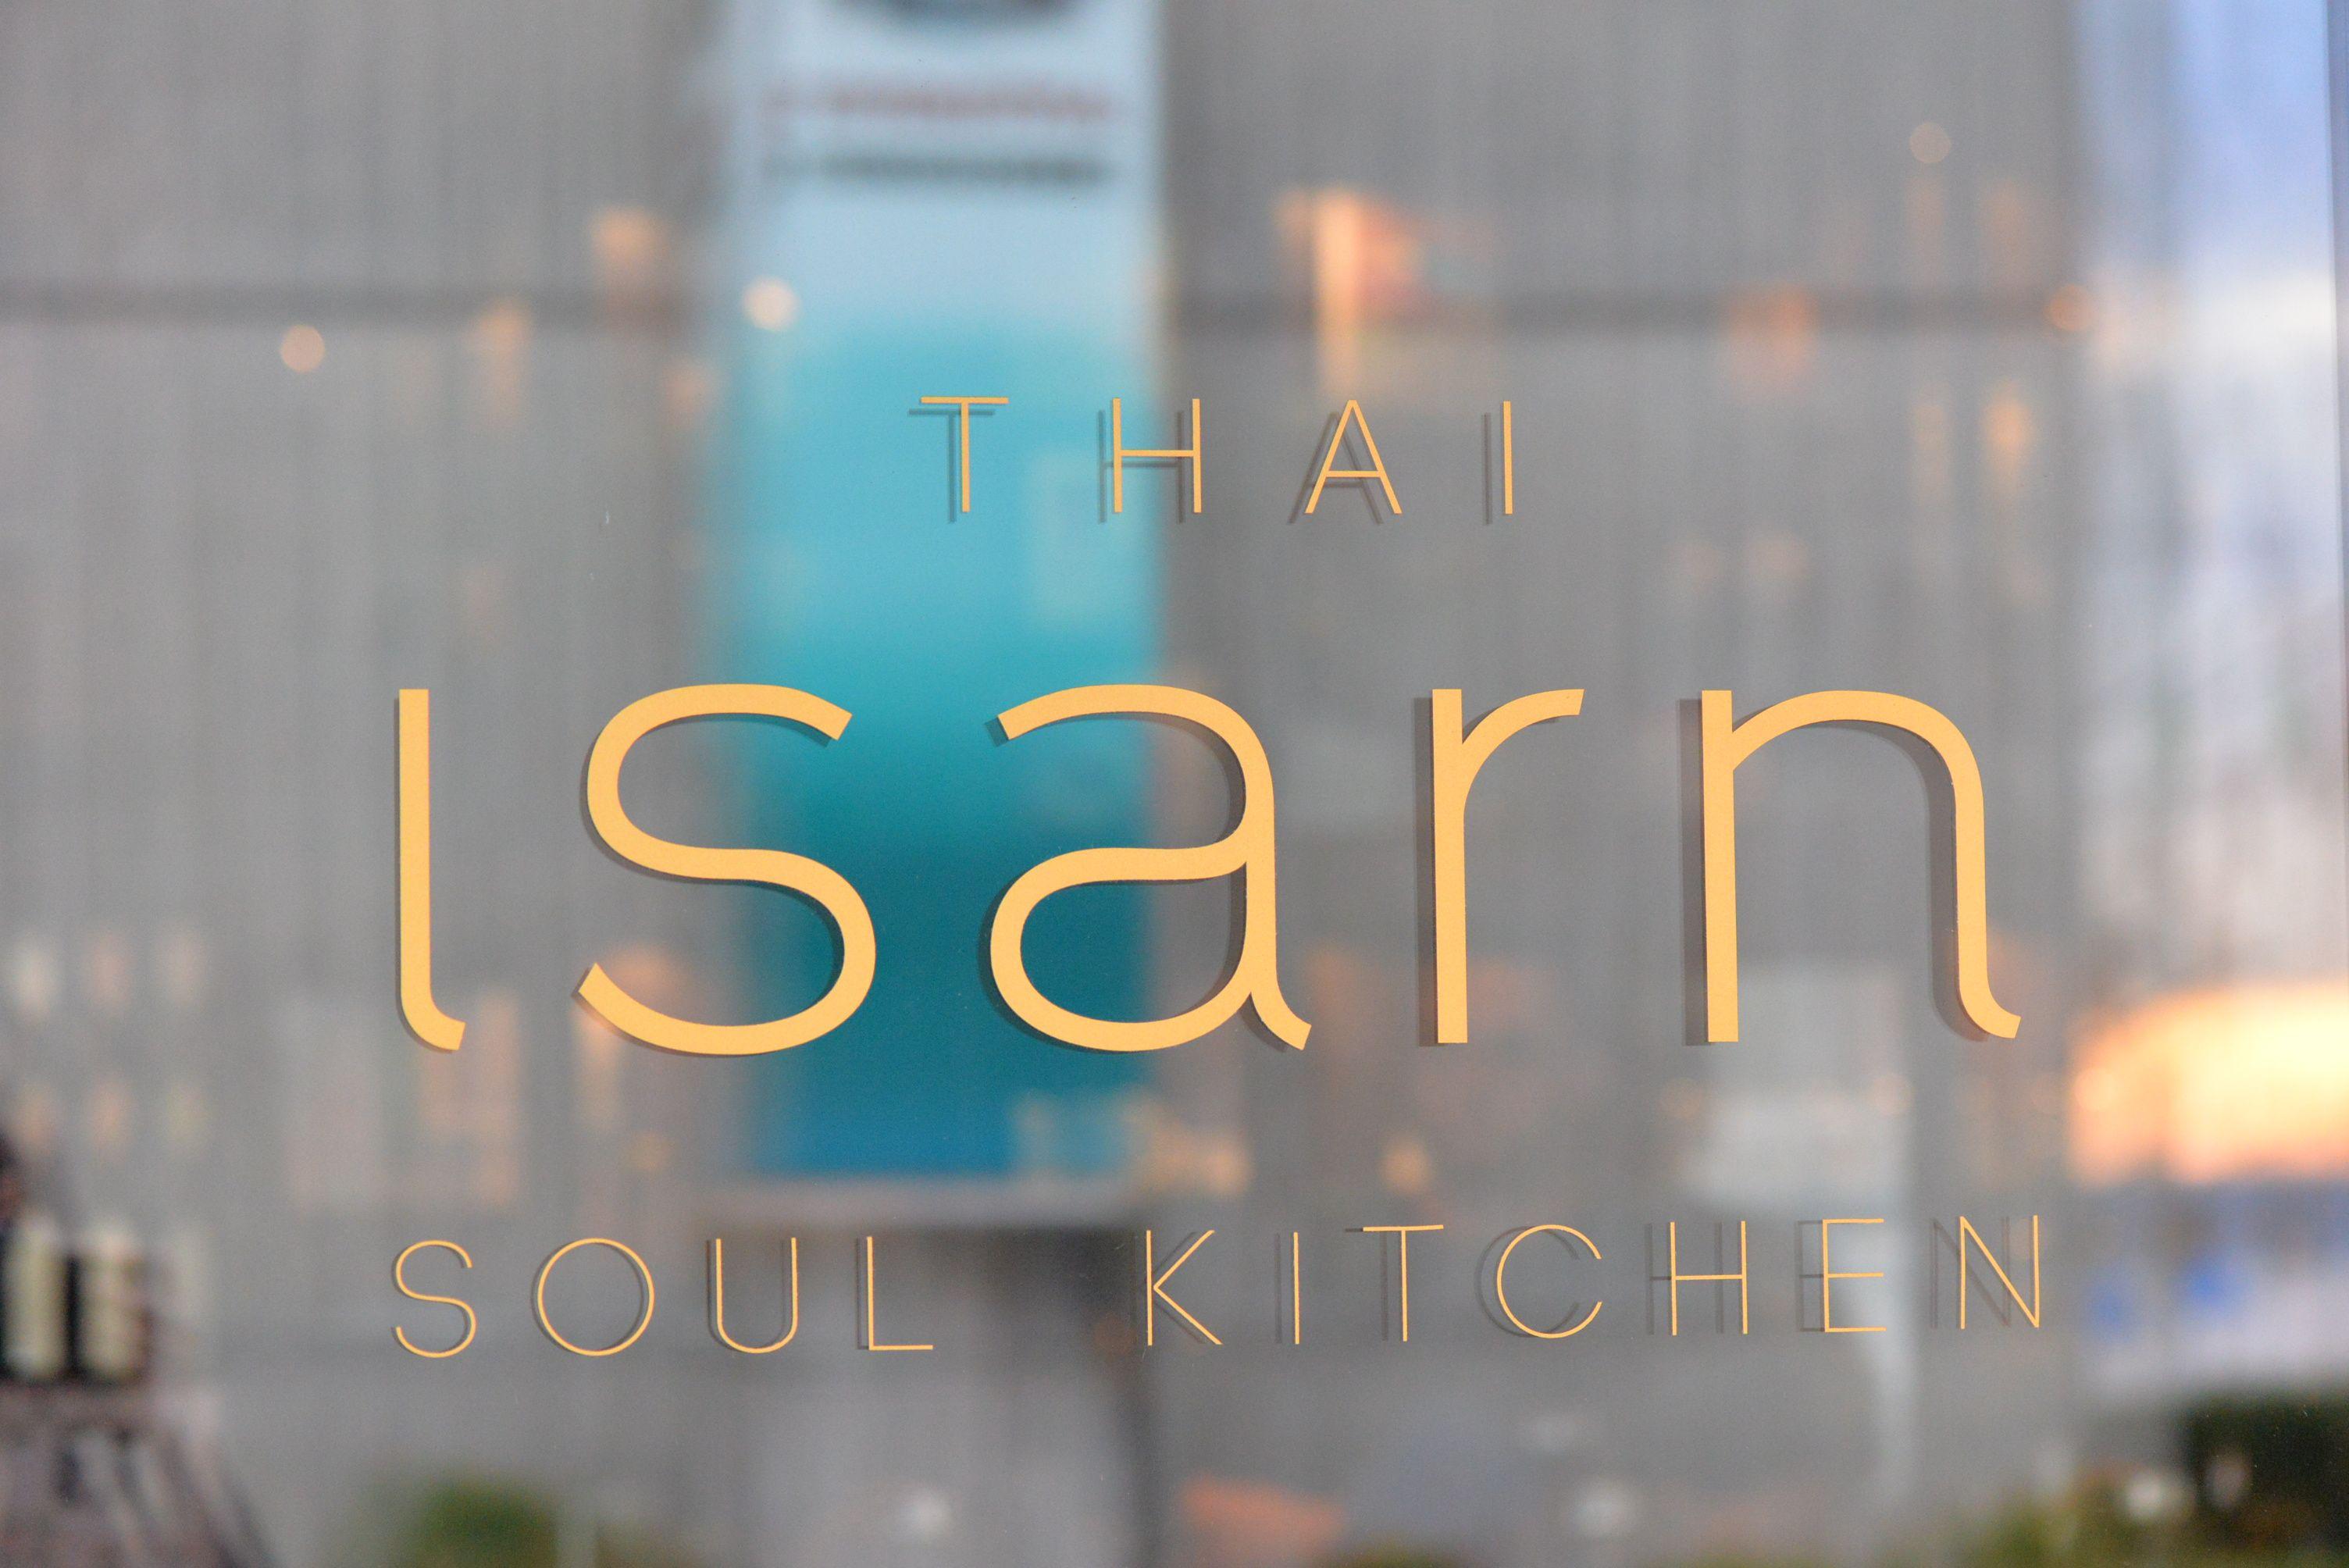 Isarn Thai Soul Kitchen | Isarn Kitchen Interior | Pinterest